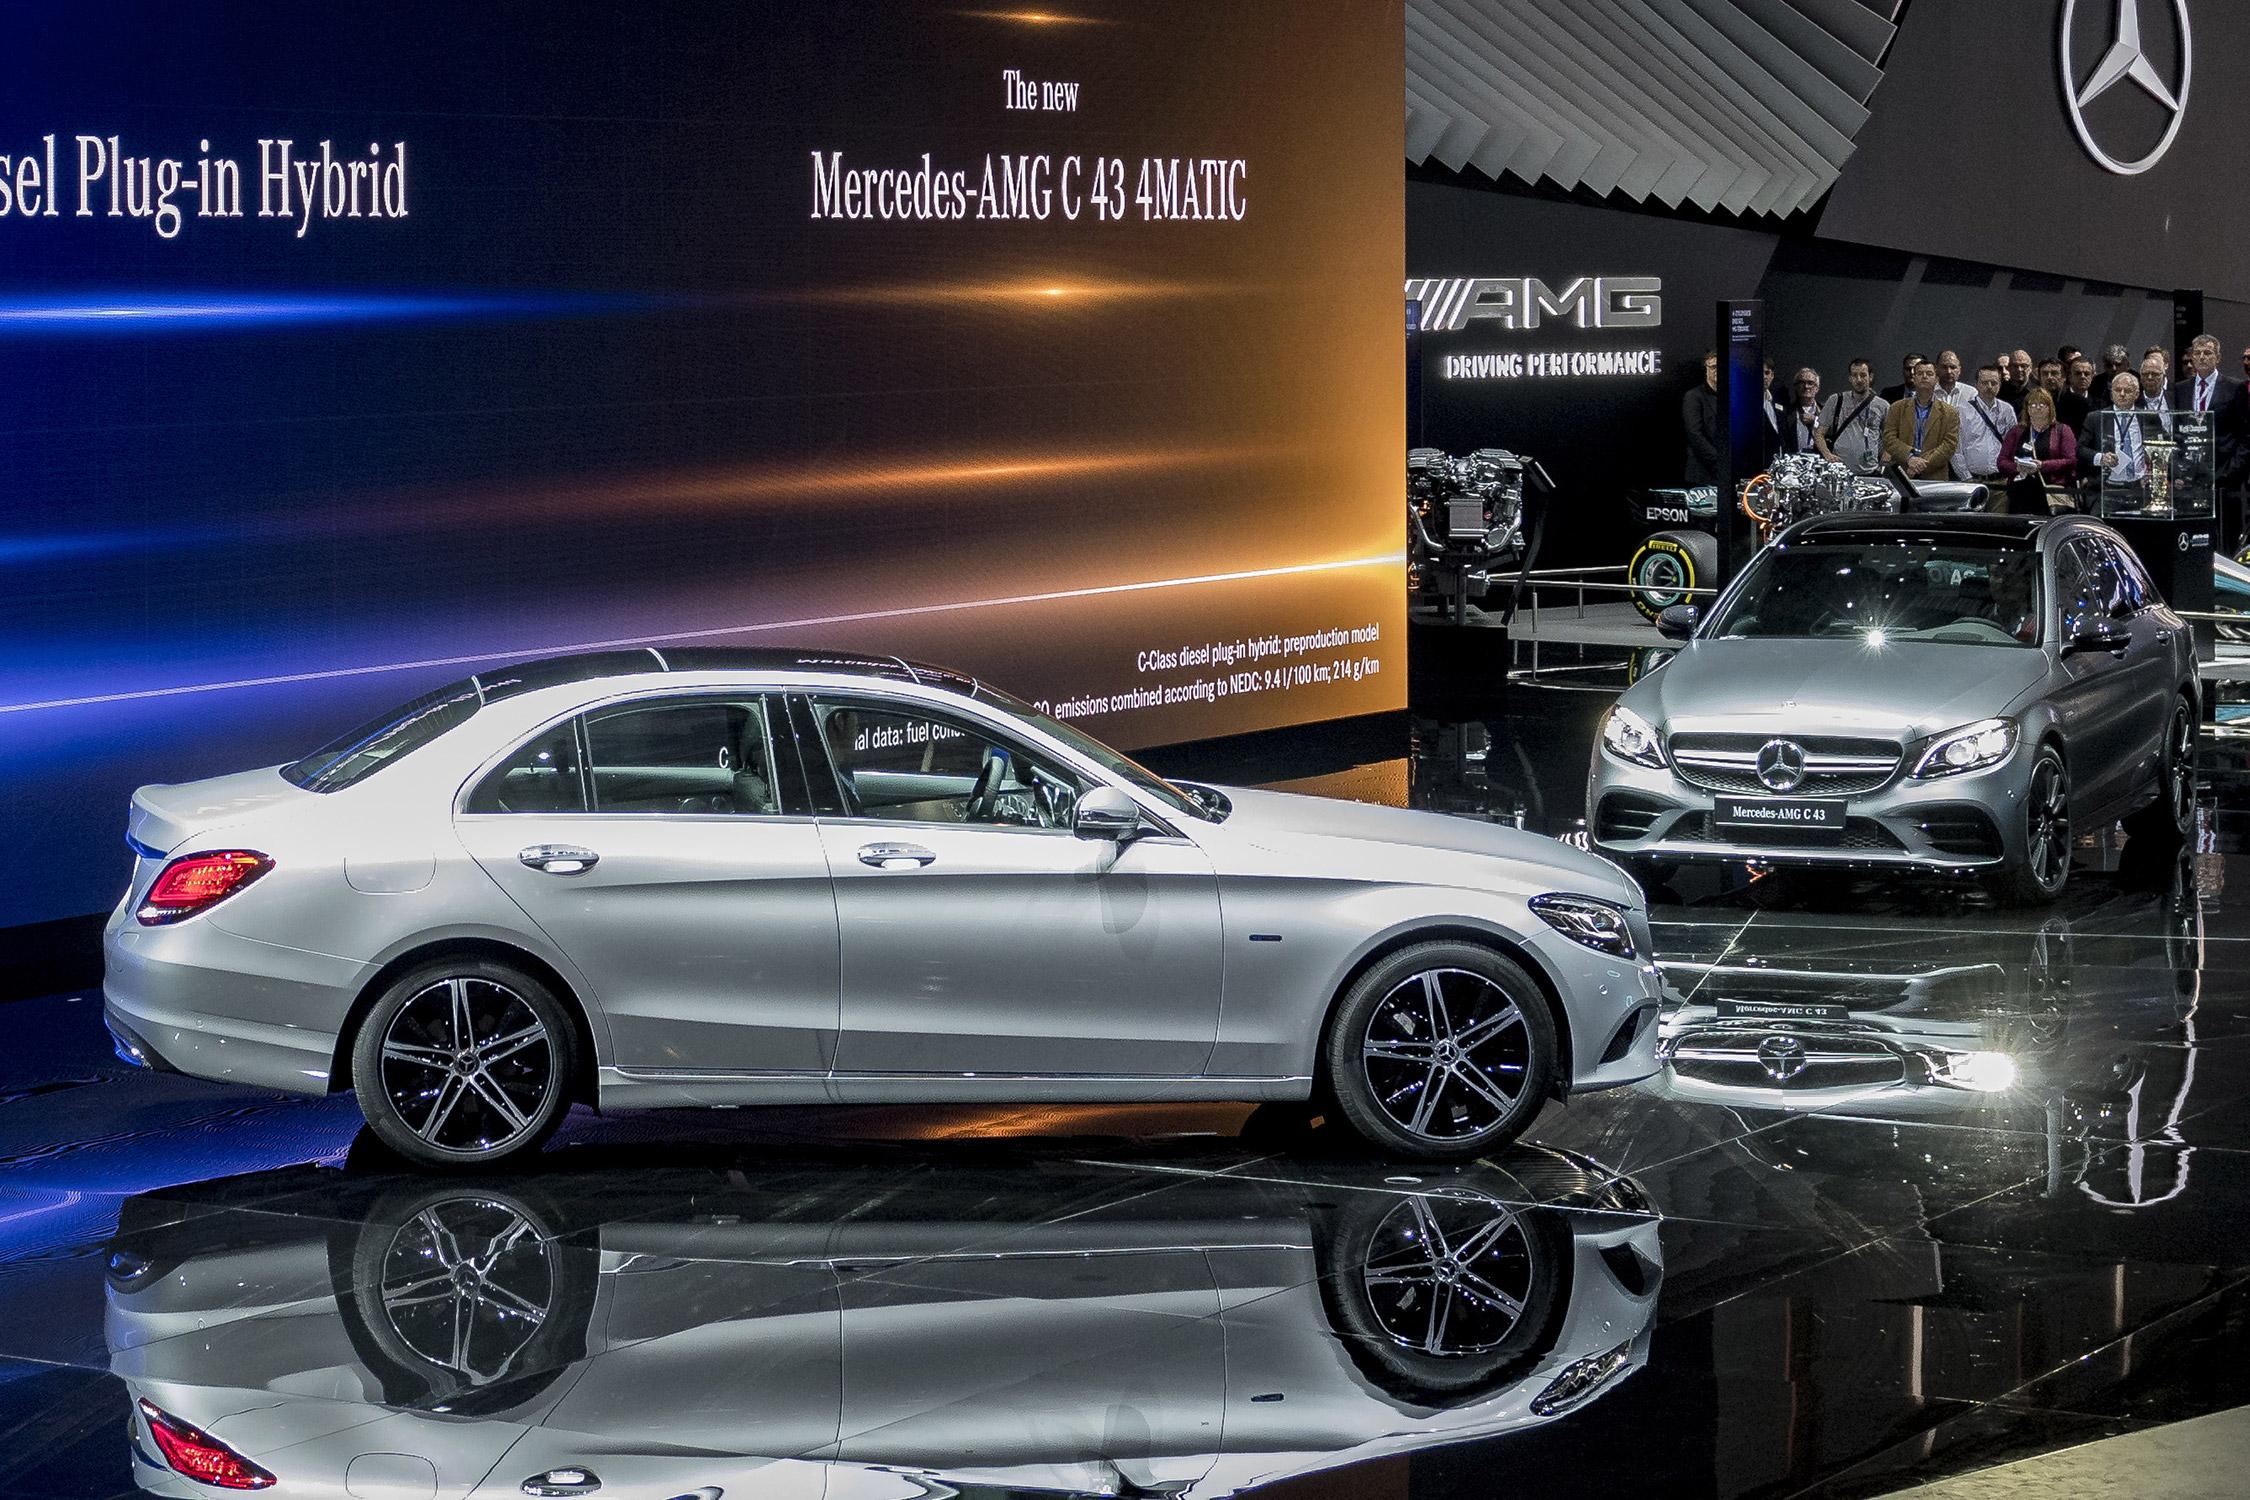 Mercedes classe c salon de gen ve gims 2018 for Mercedes salon